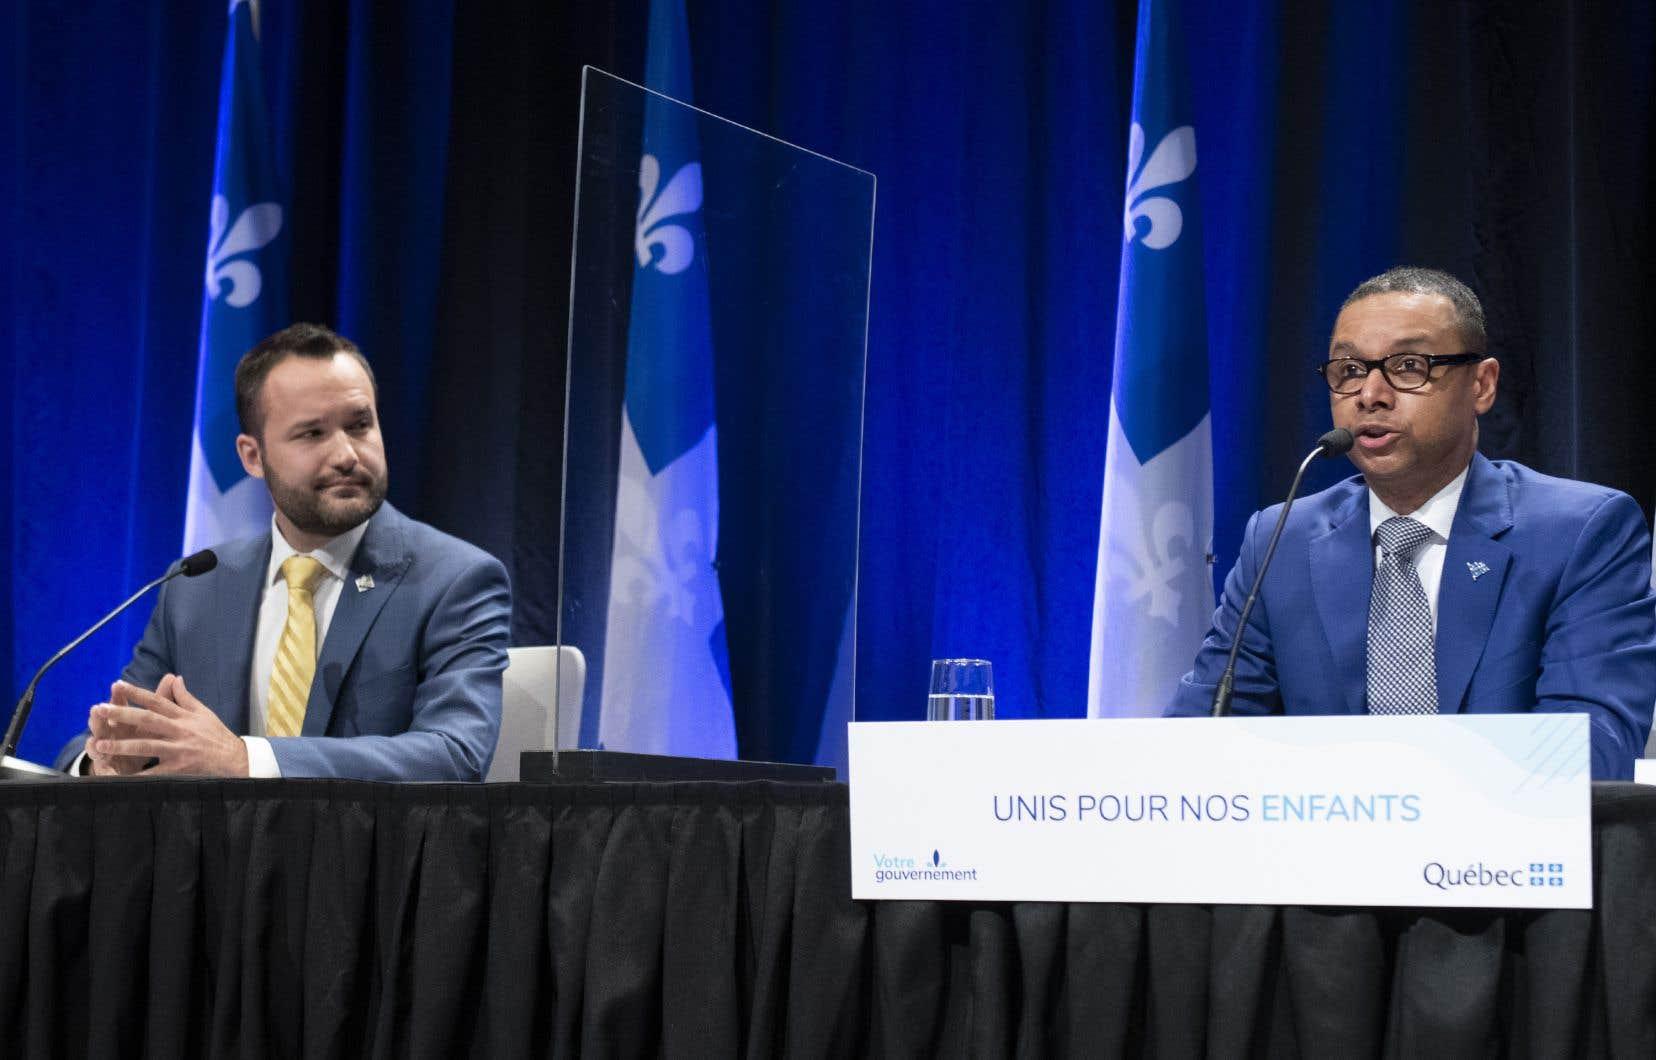 En conférence de presse, le ministre Lionel Carmant, flanqué de son collègue Mathieu Lacombe, ministre de la Famille, a indiqué qu'un comité interministériel examinera les recommandations du rapport Laurent.